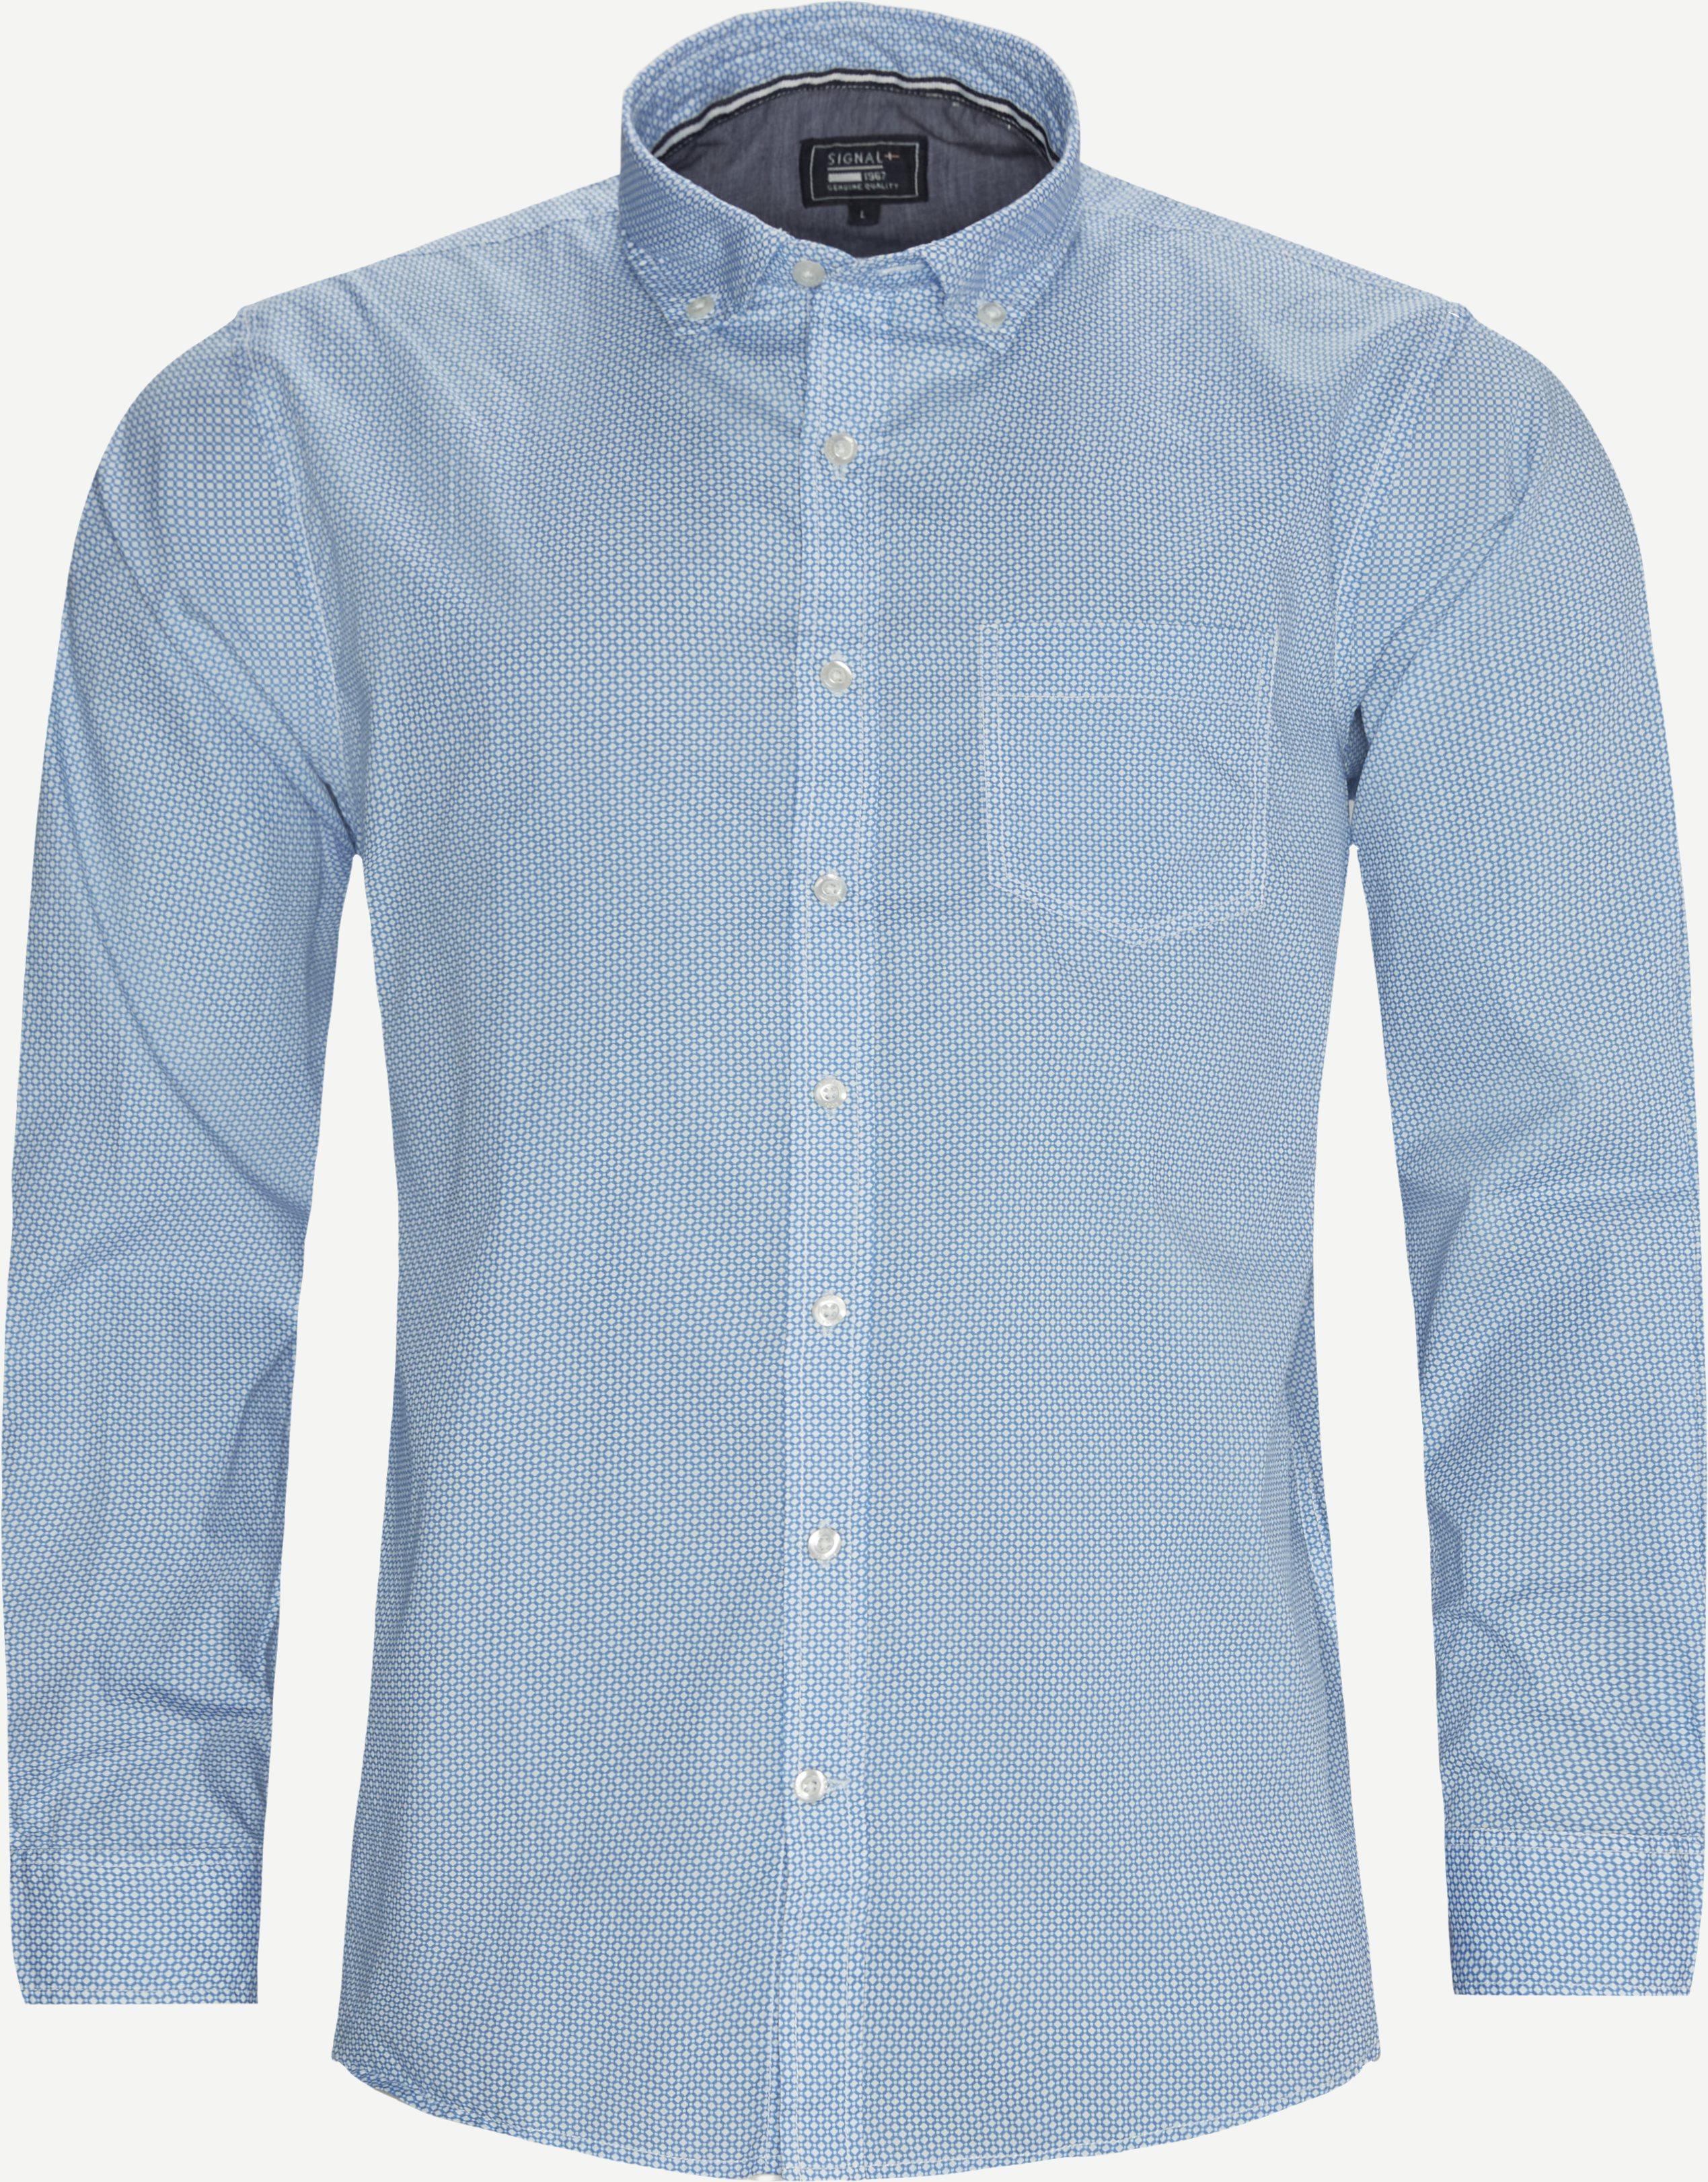 15414 0 Skjorte - Skjorter - Regular - Blå